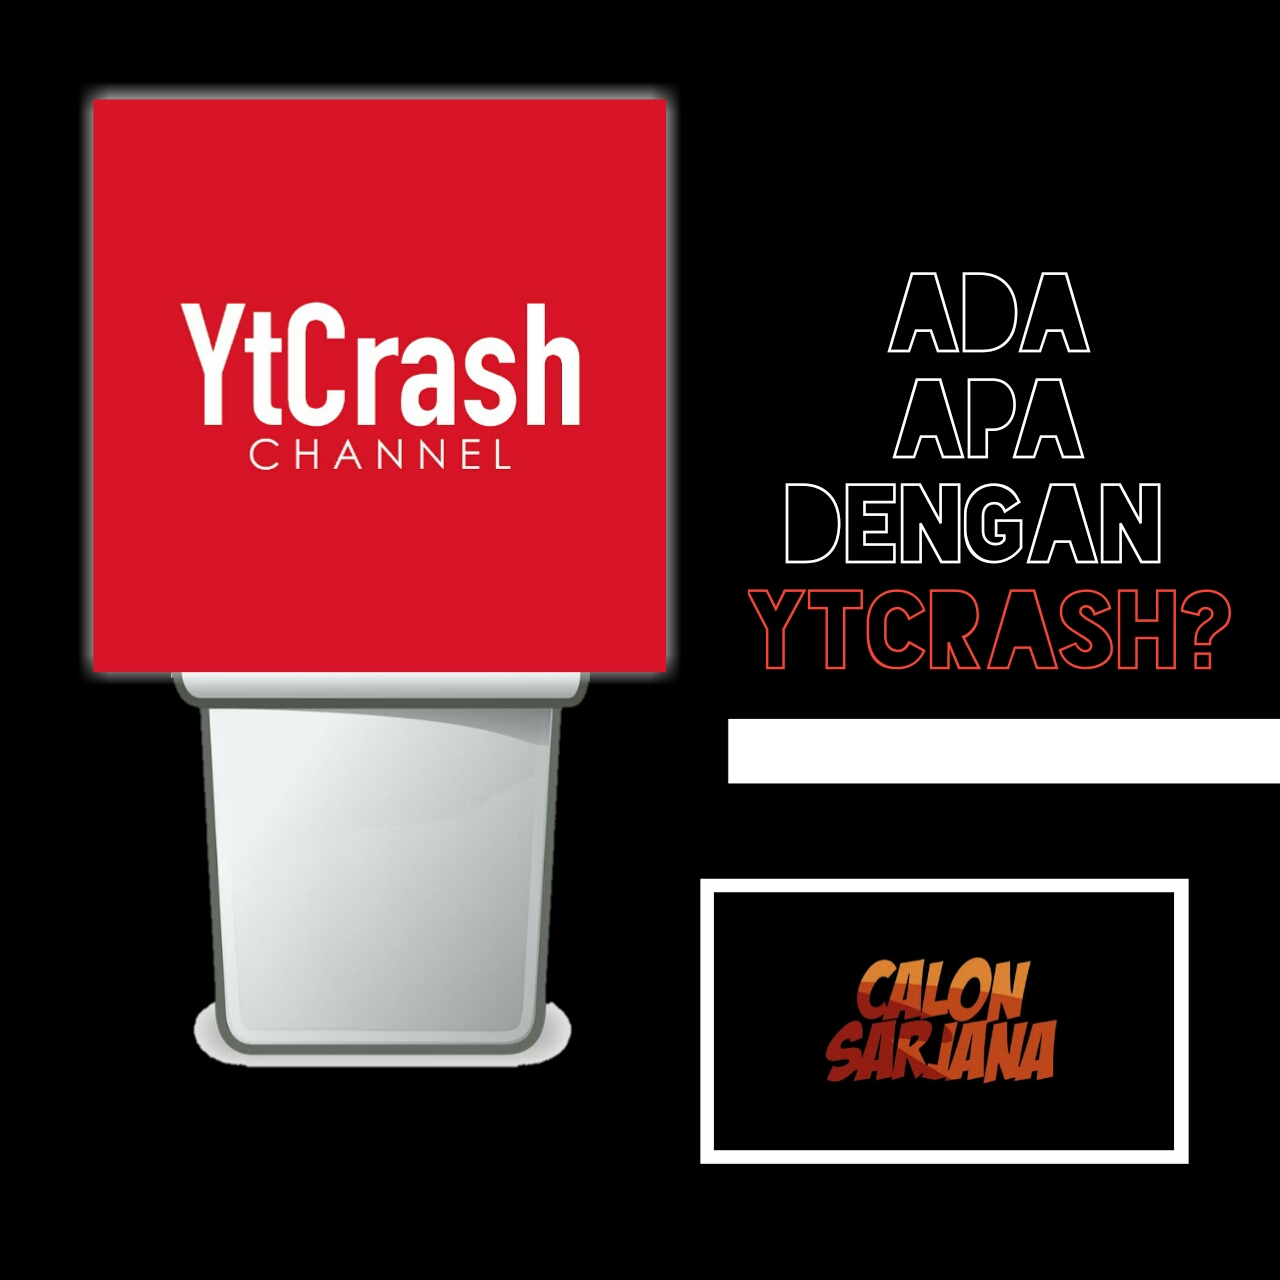 Channel Ytcrash Bernasib Sama Dengan Calon Sarjana?